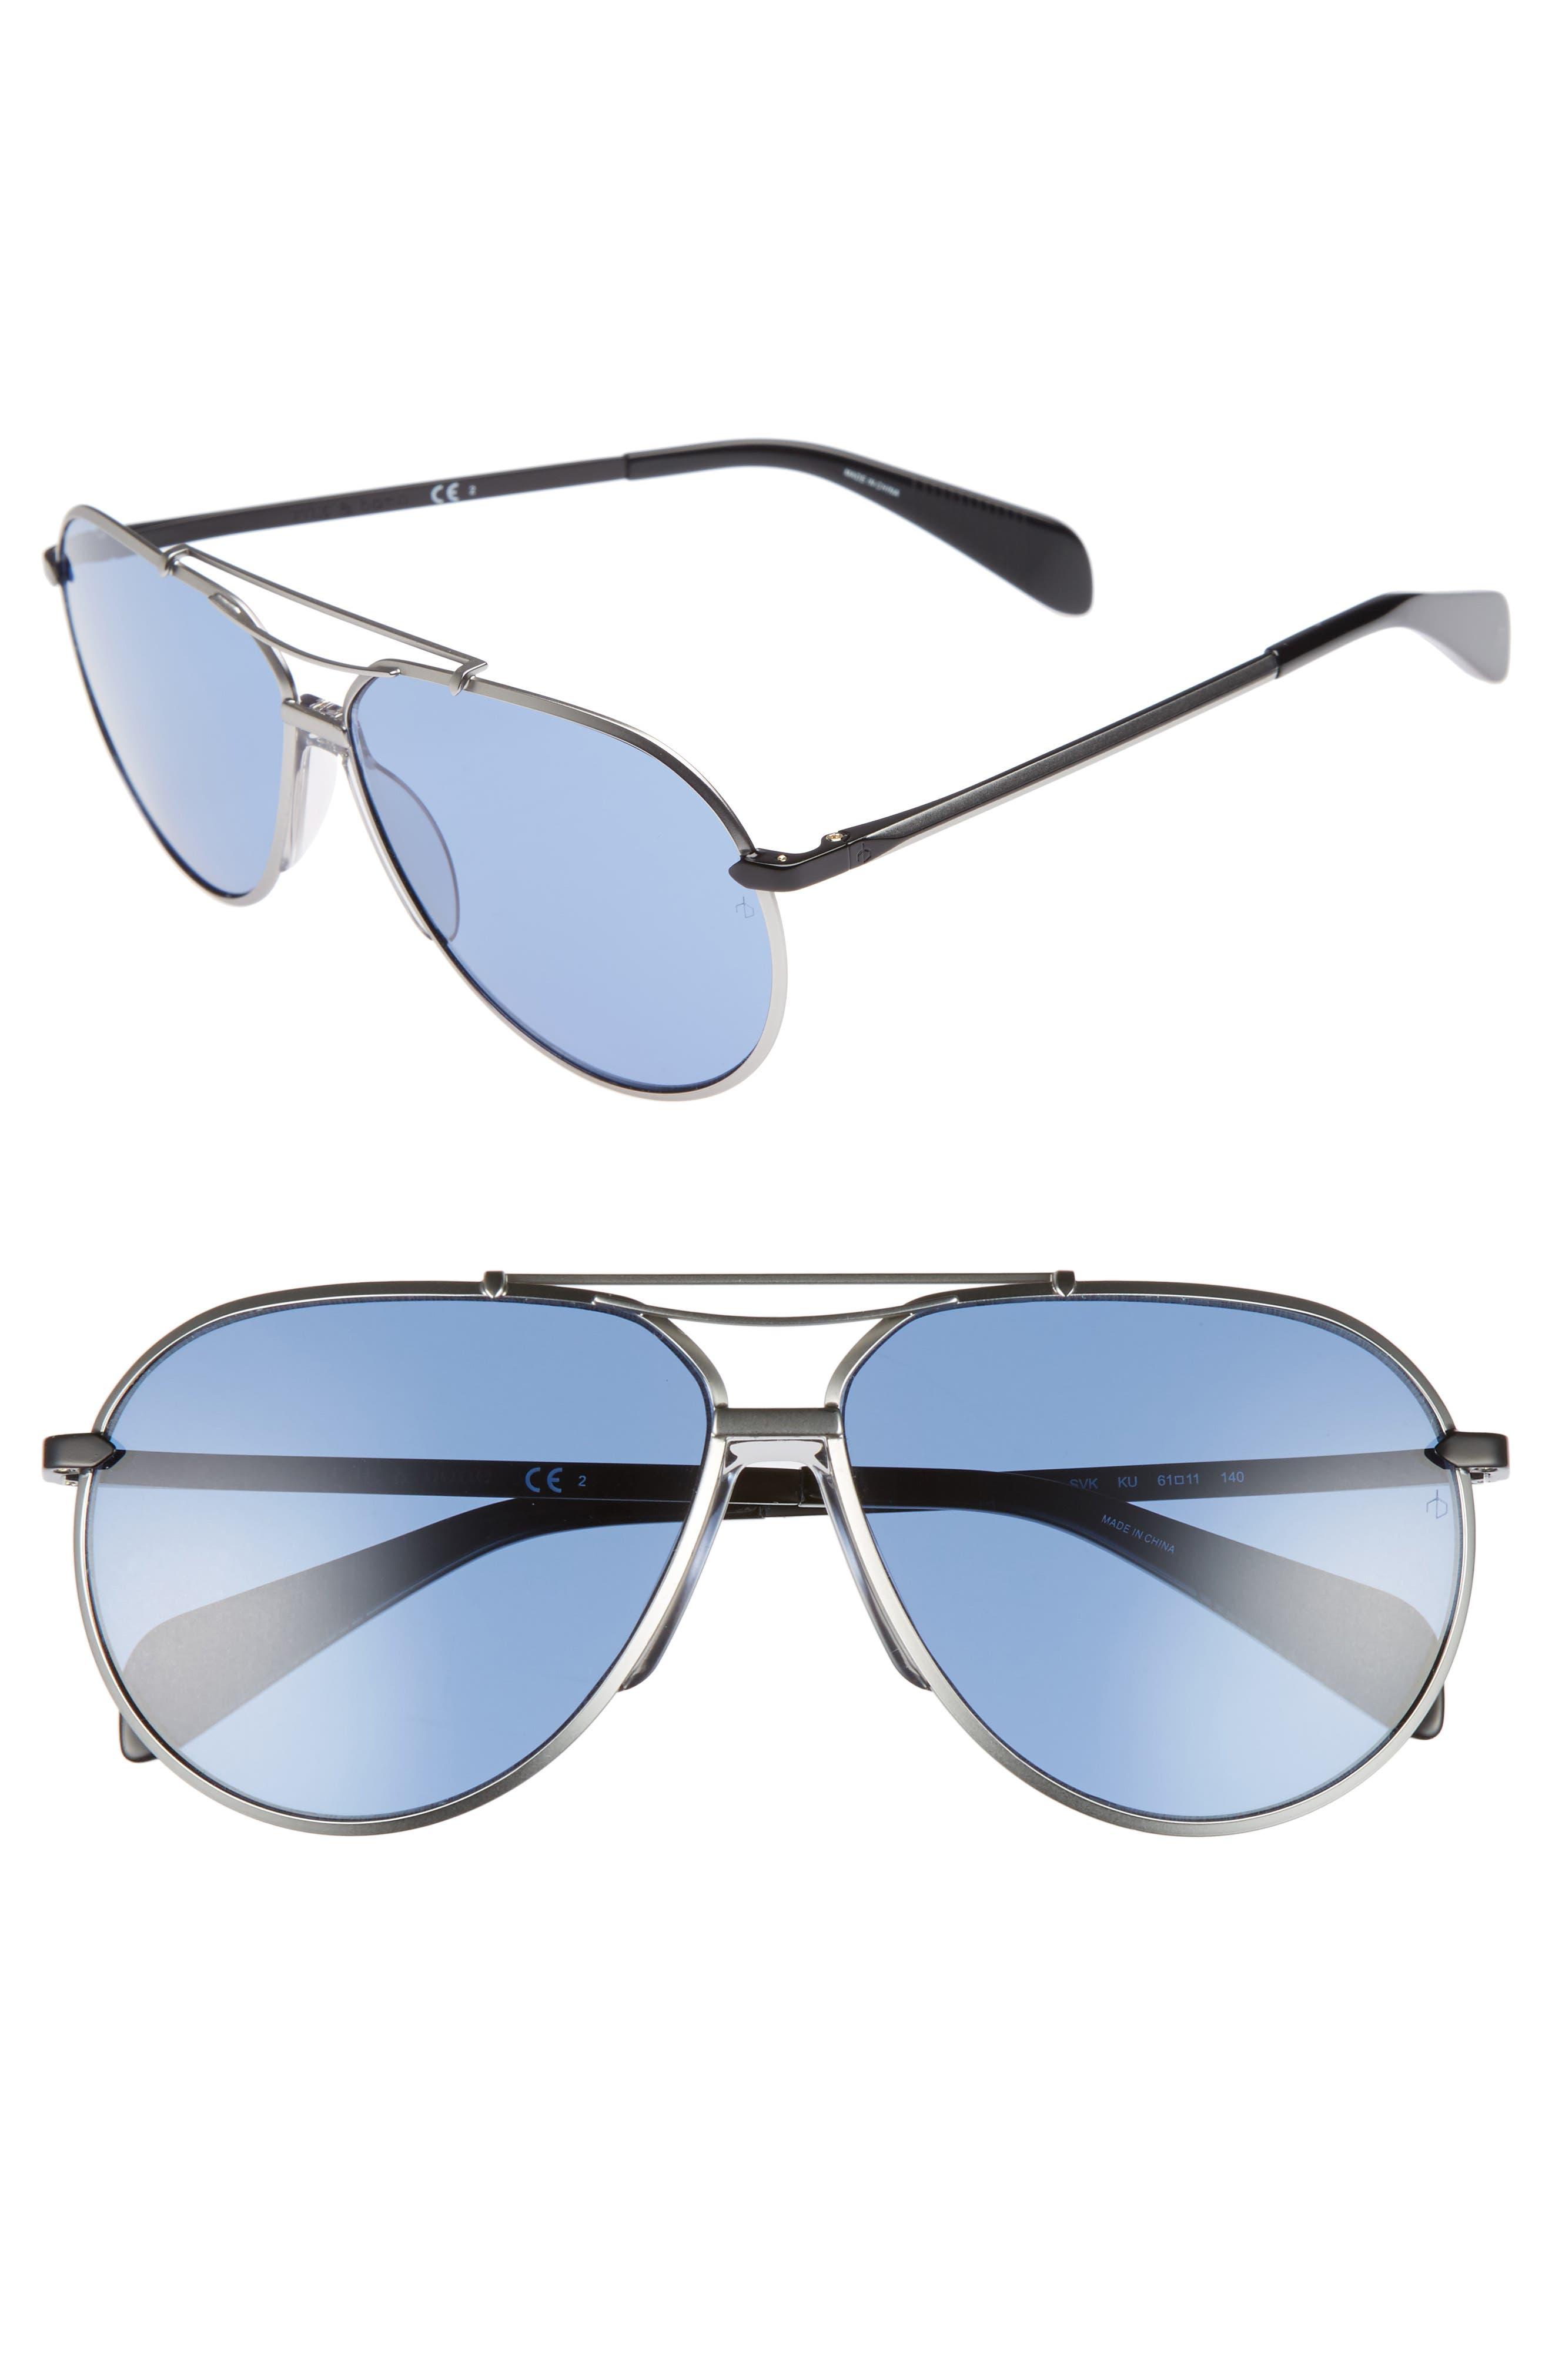 Main Image - rag & bone 61mm Aviator Sunglasses